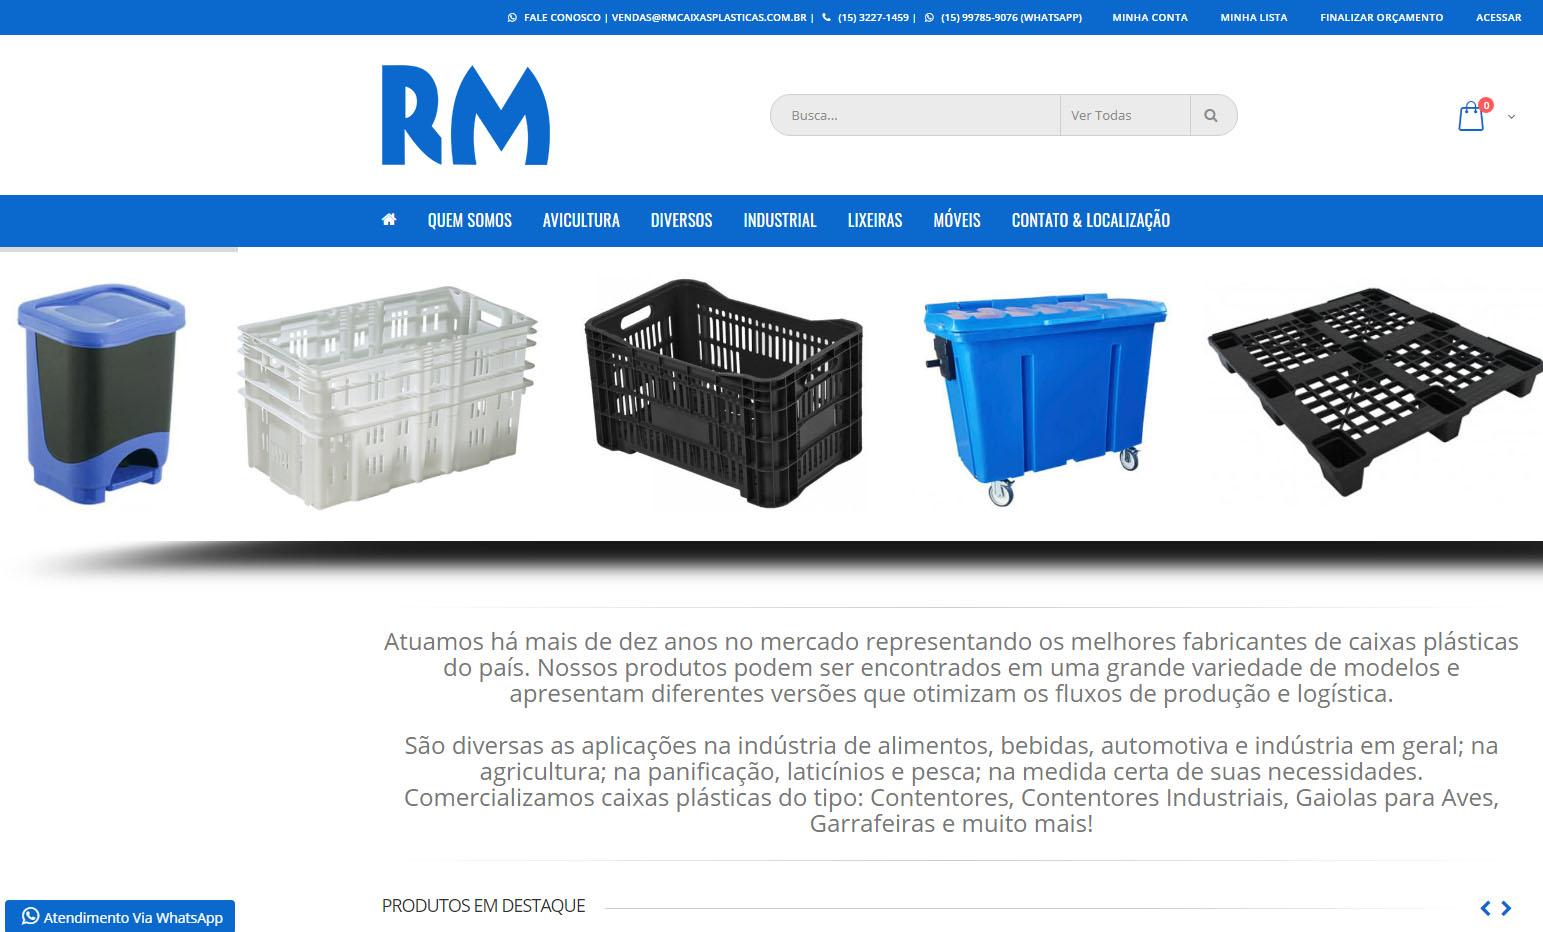 RM Caixas Plásticas